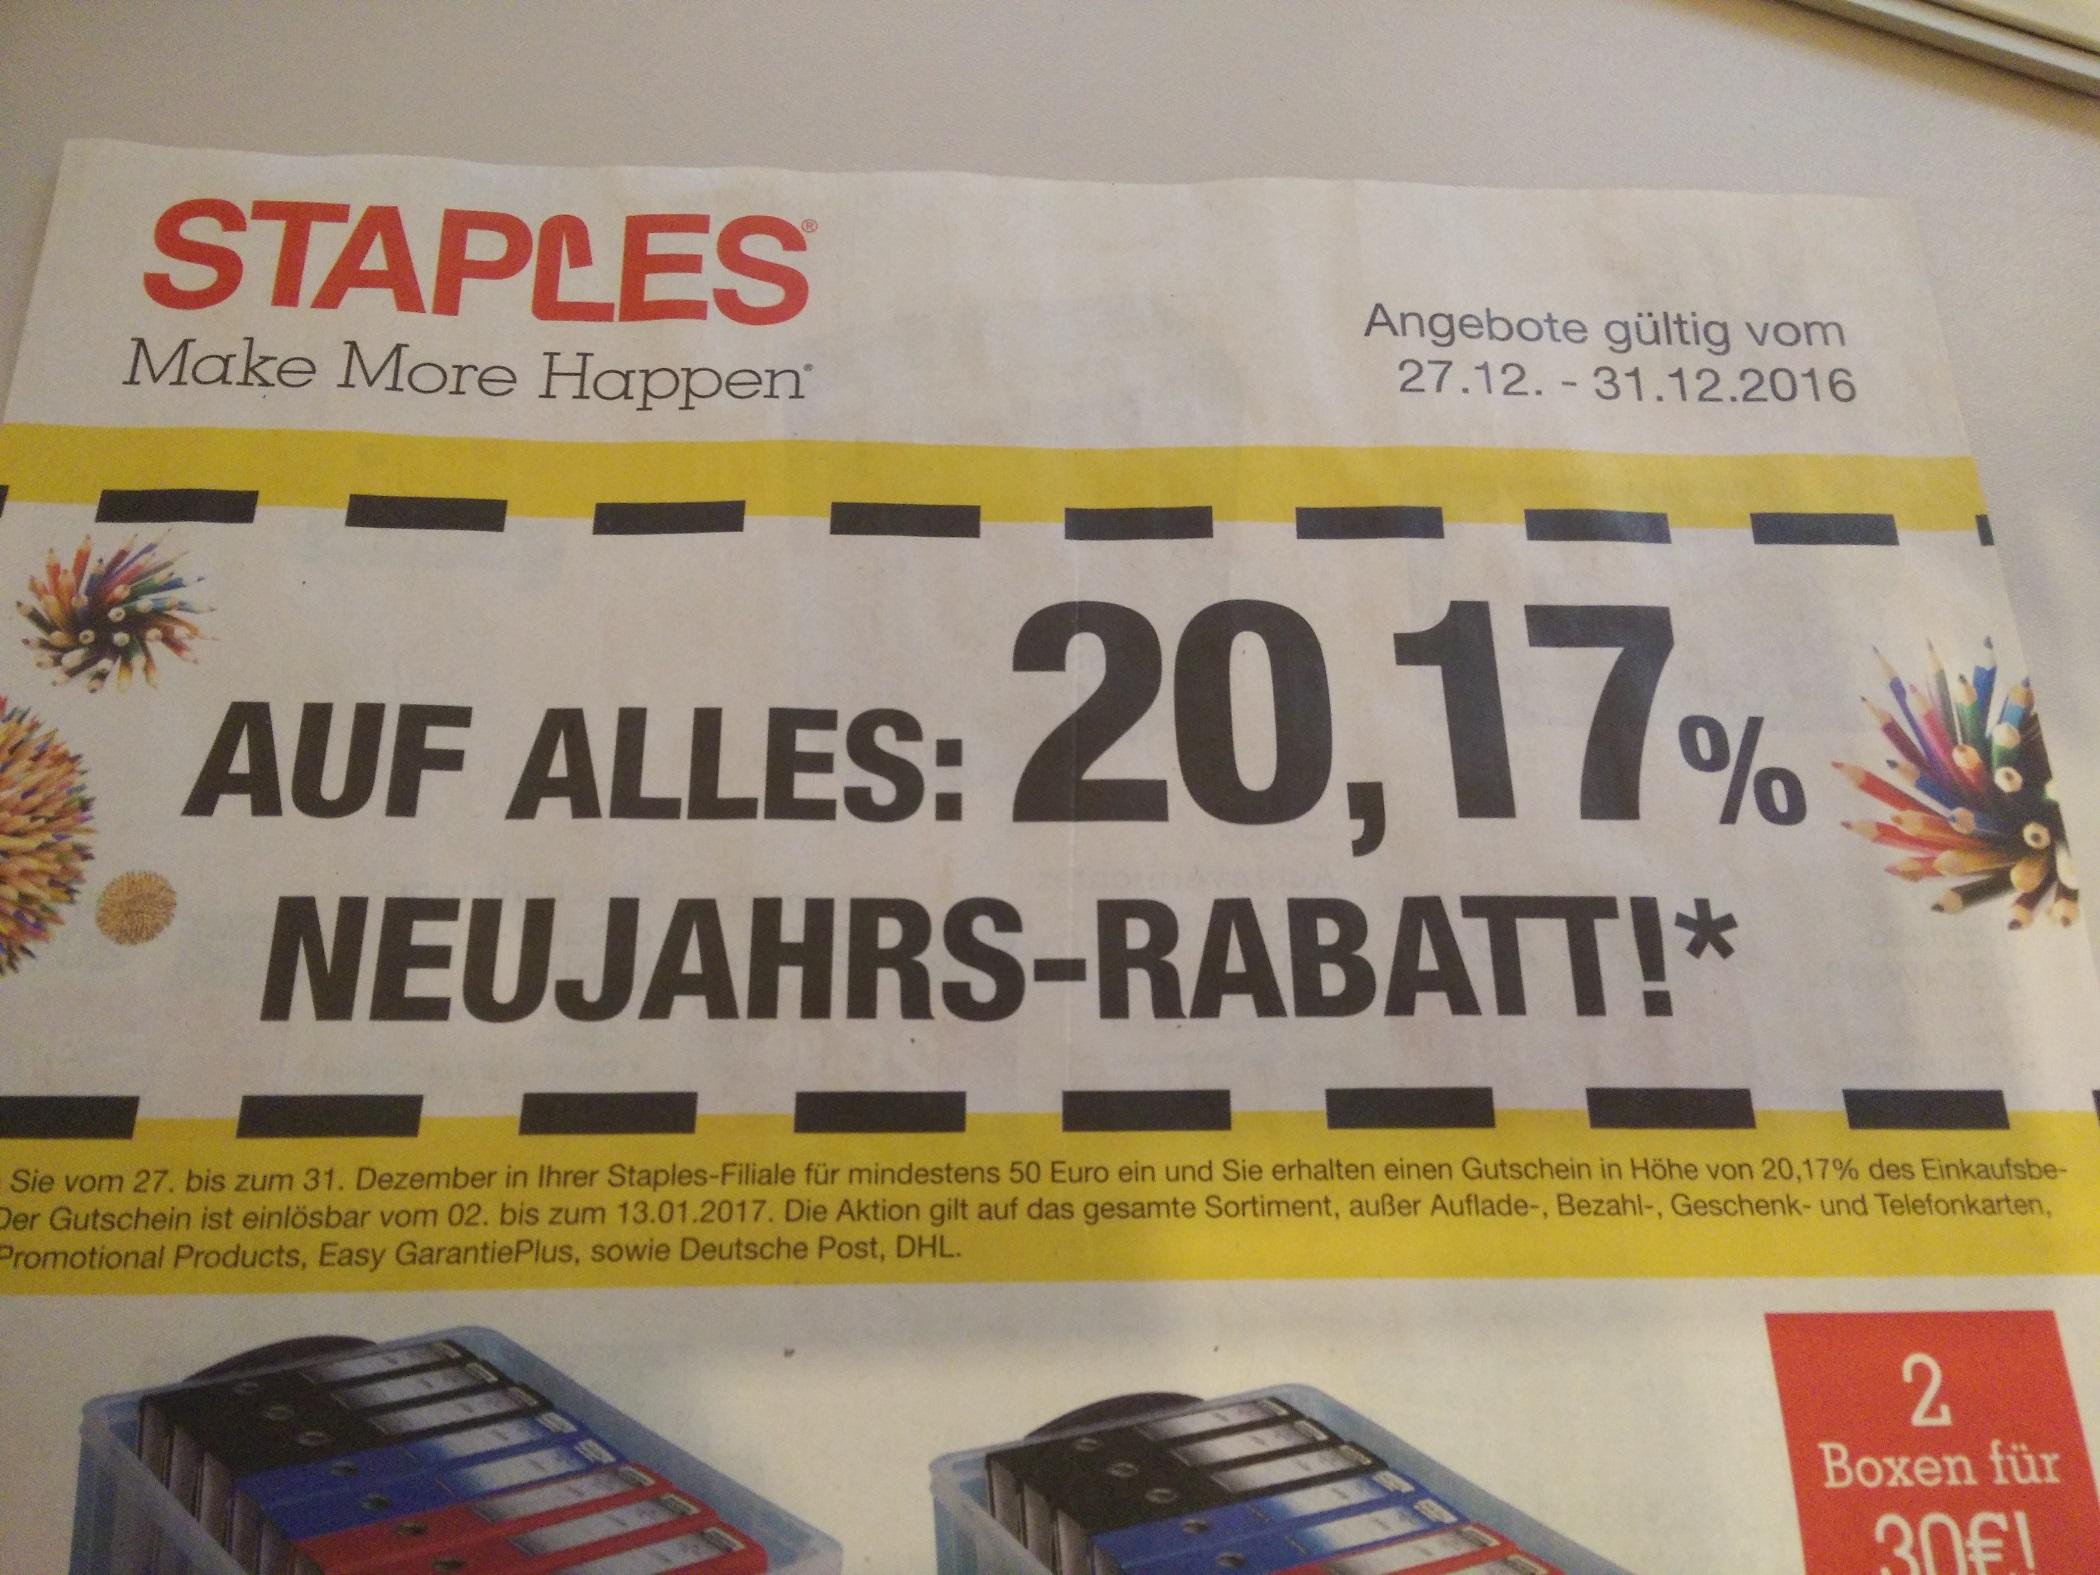 [Staples] Prozente bei Staples 27.12.2016 bis 31.12.2016 20,17% als Gutschein